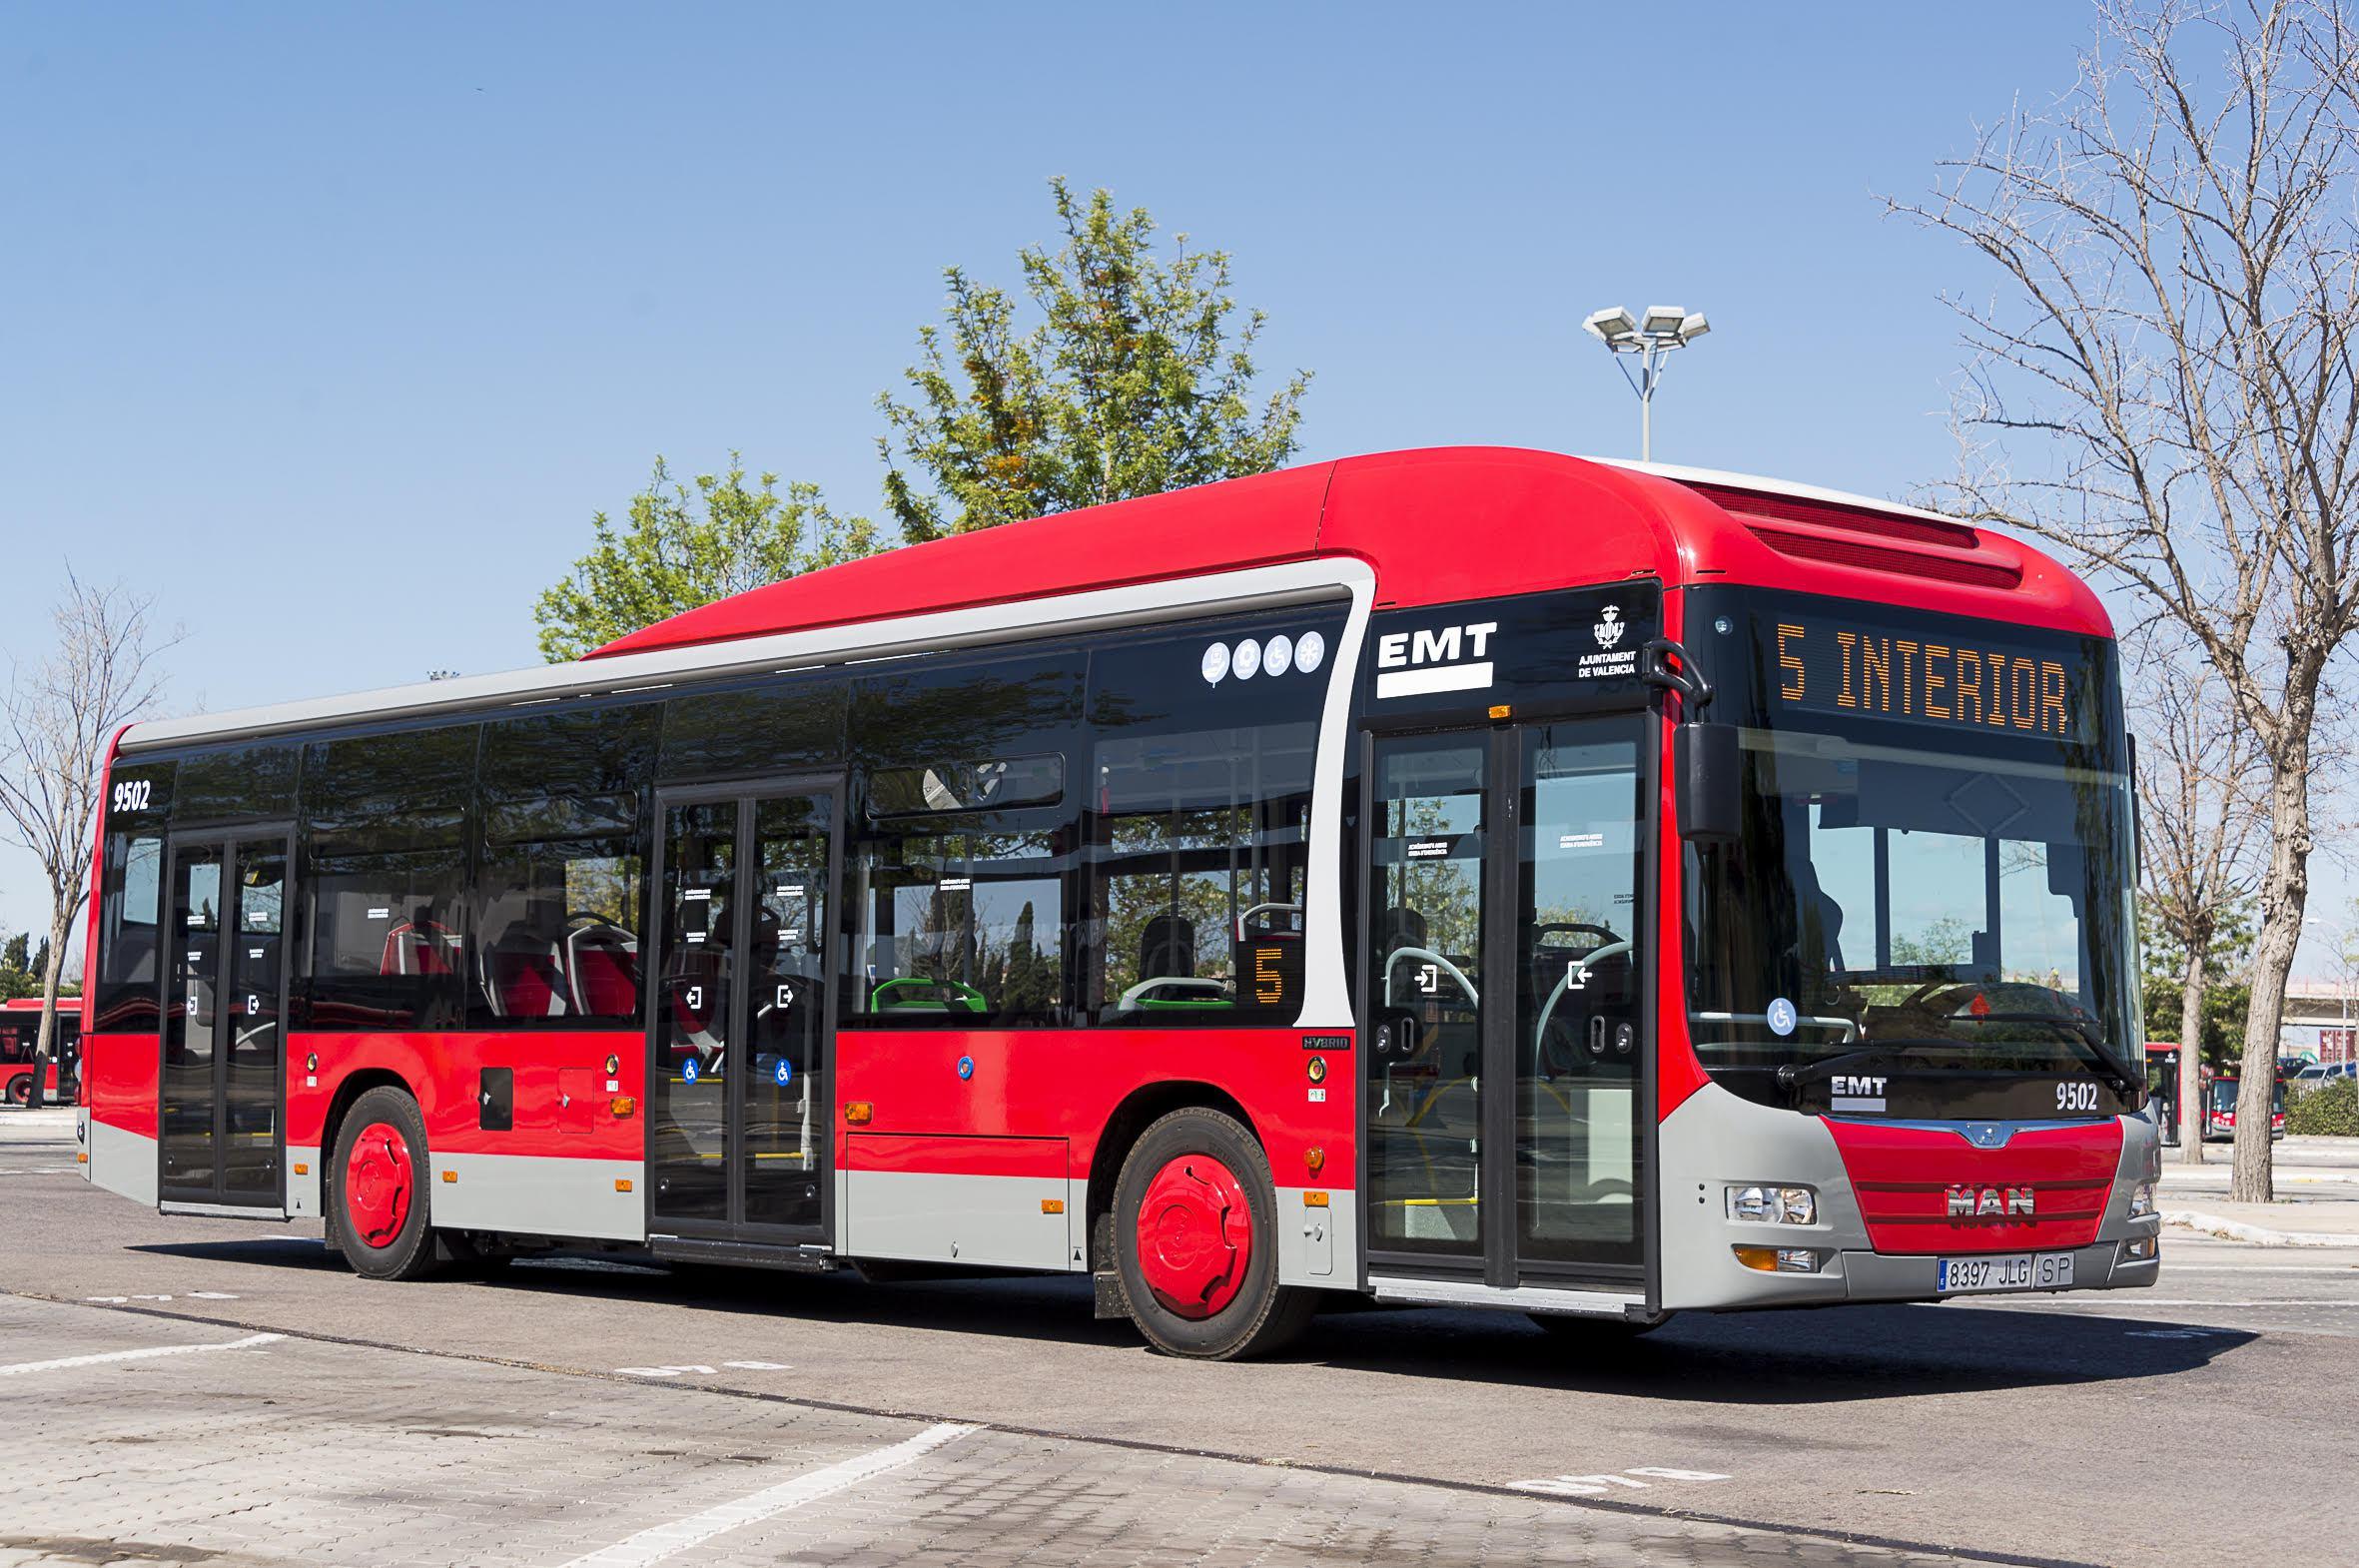 EMT Valencia ofrecerá todos los viajes gratis este 22 de septiembre